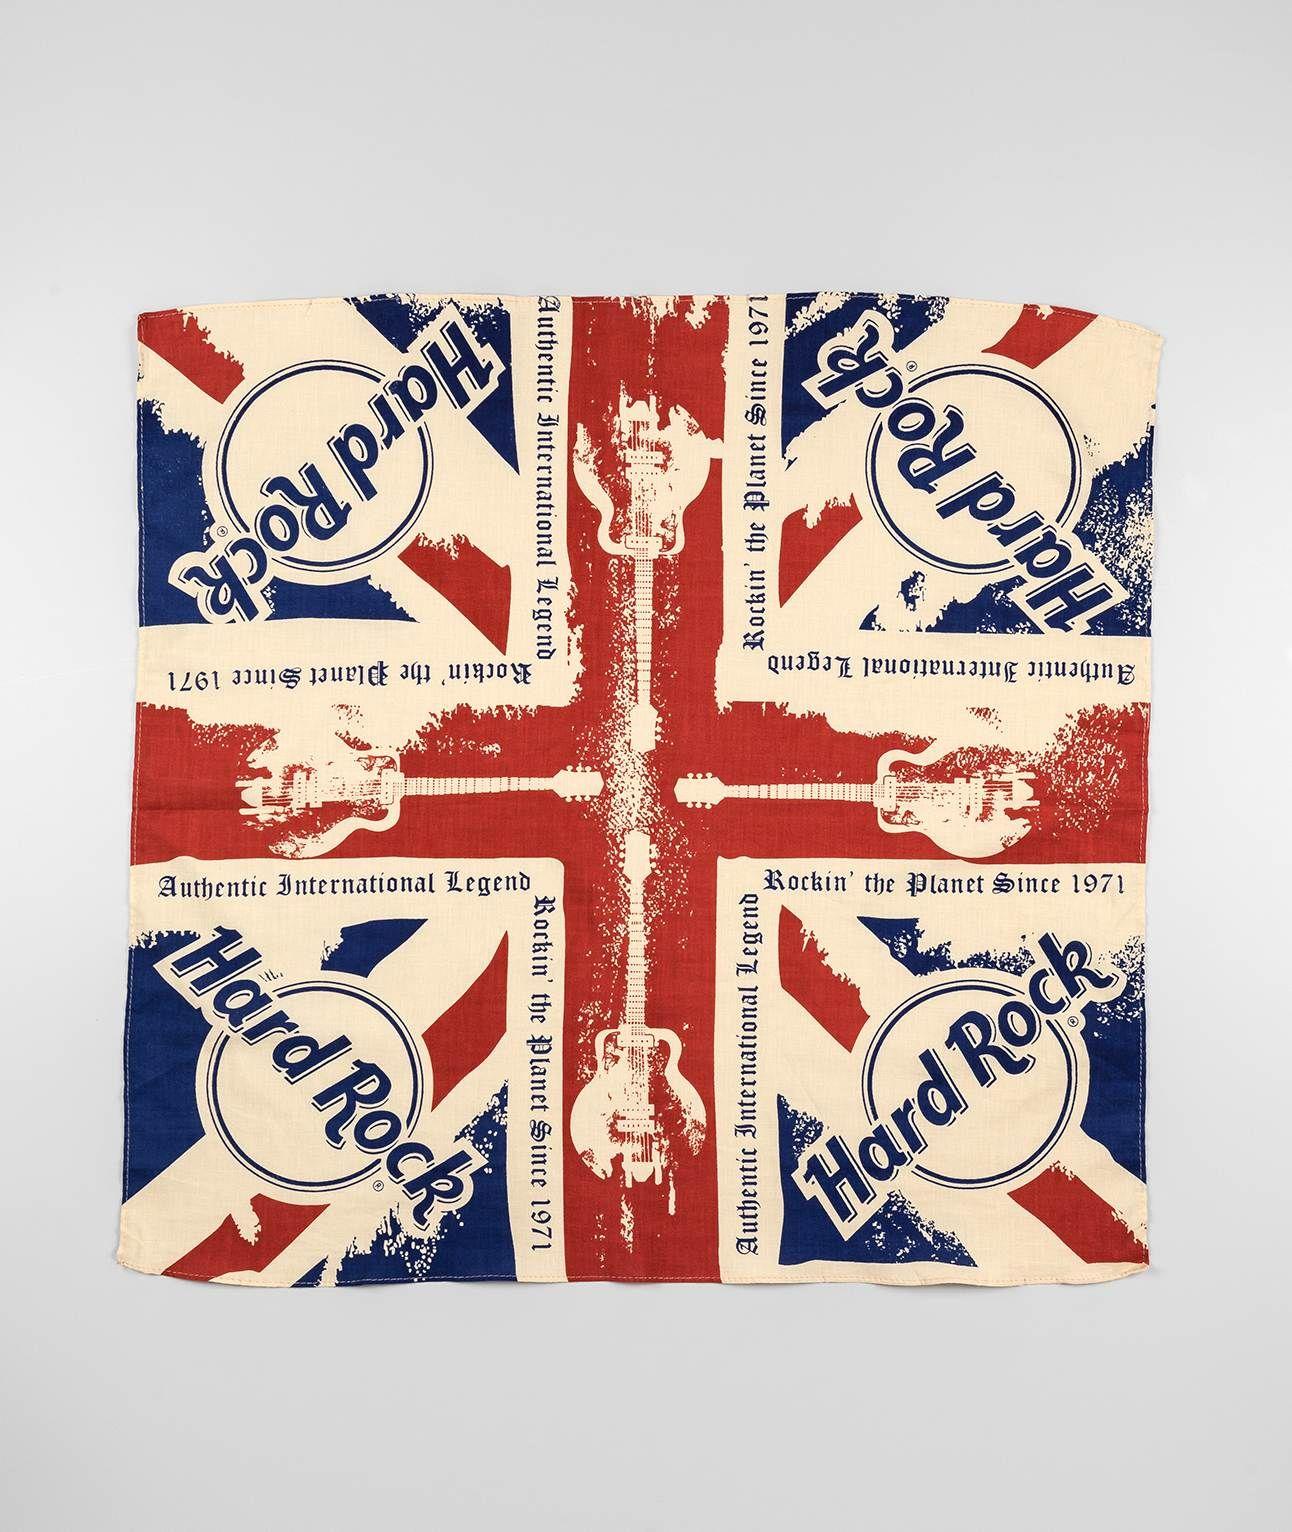 Union Jack Bandana #HardRock